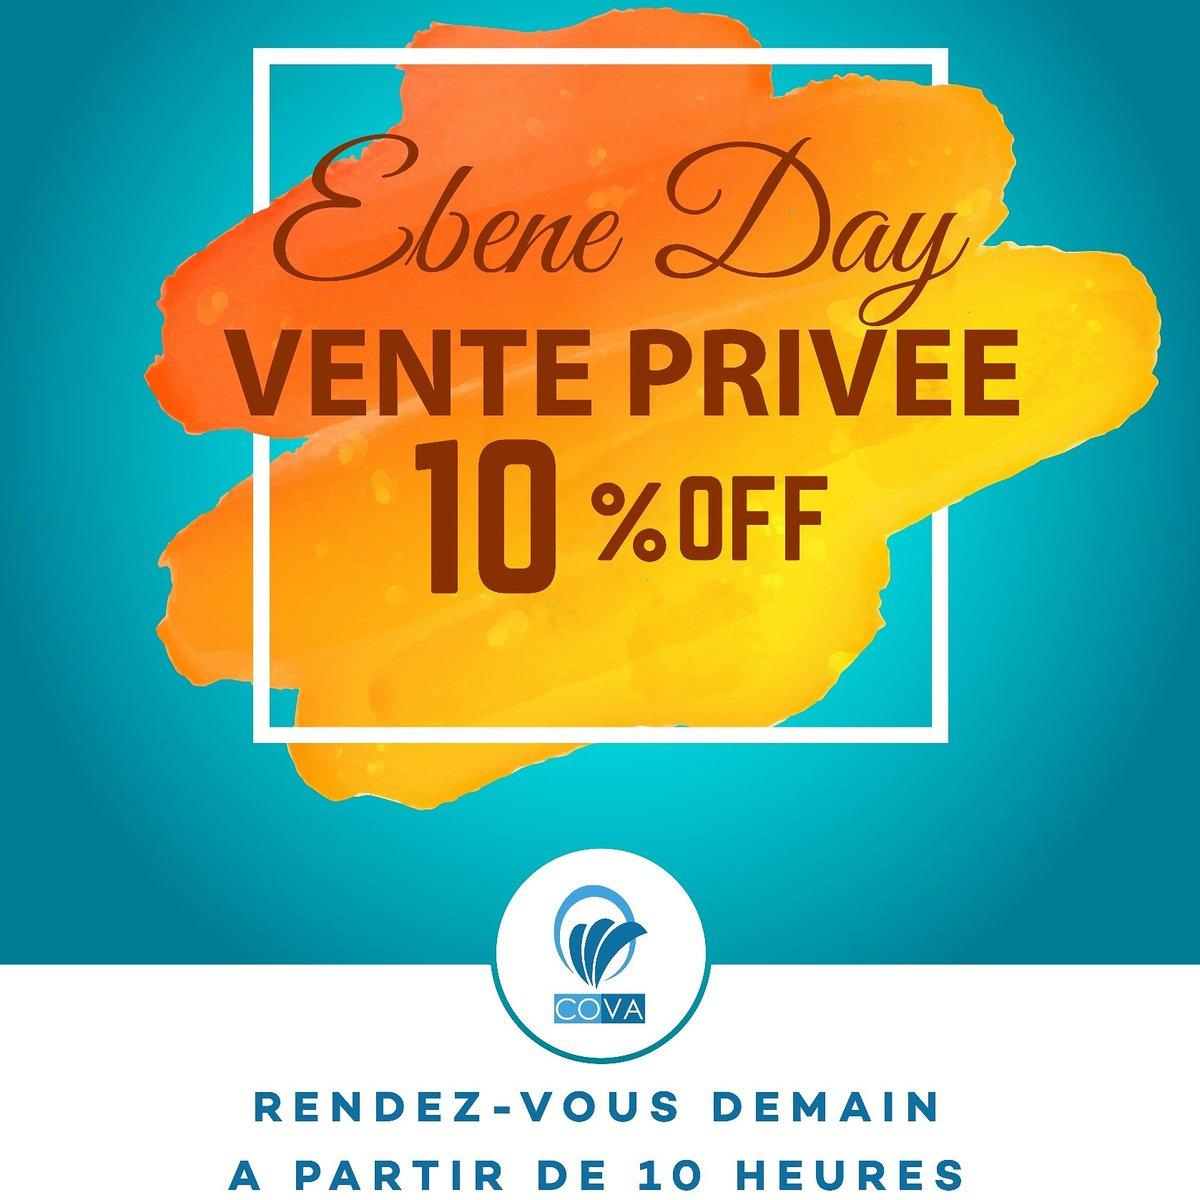 """Doumo On Twitter: """"la Vente Privée Ebene Day, Organisé Par ... à Vente Privée Jardin"""